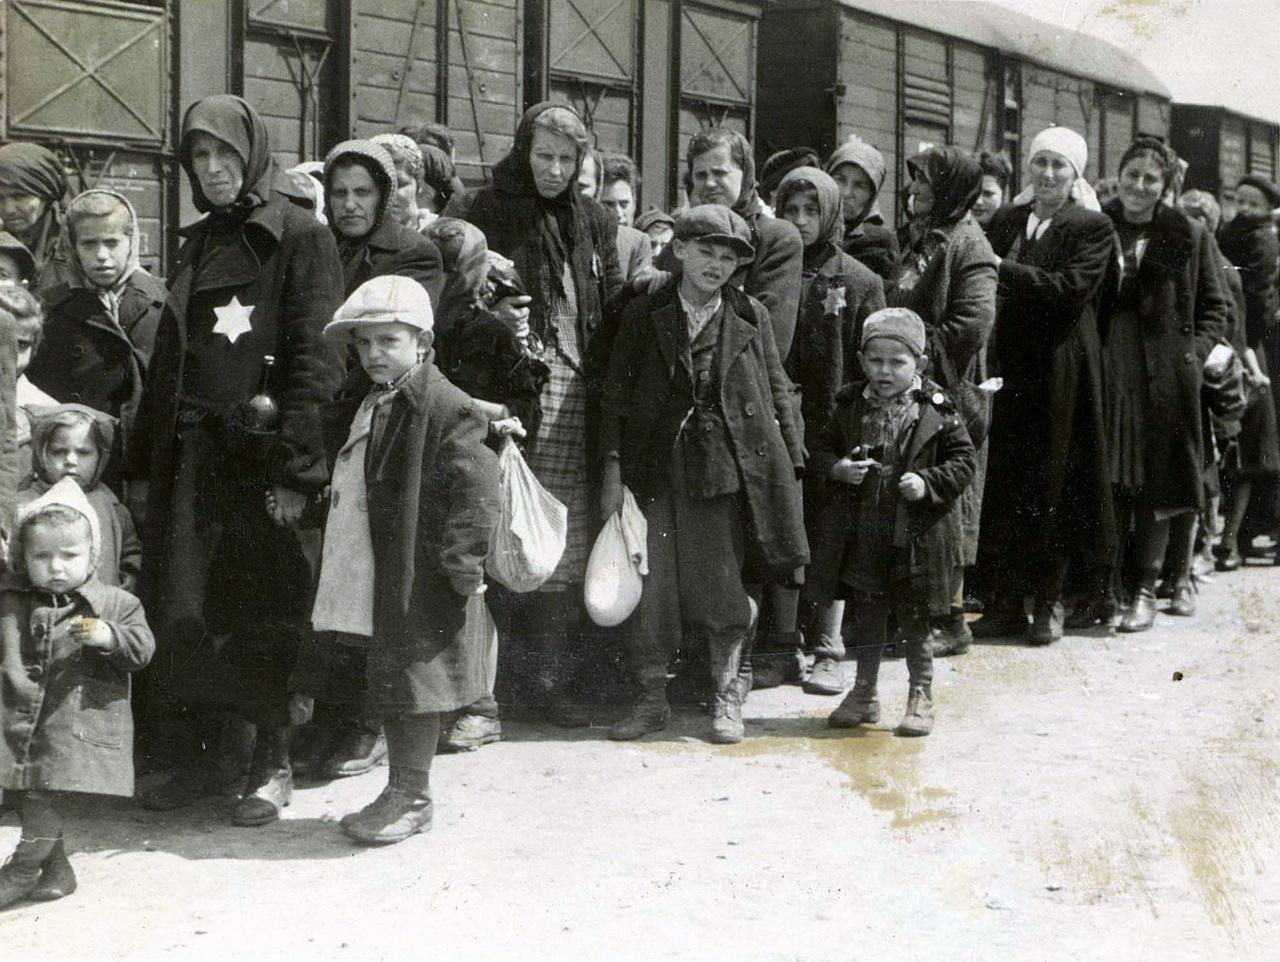 """Erről az időszakról az egyik SS-vádlott így beszélt a frankfurti Auschwitz-perben a hatvanas években: """"Auschwitz kihasználtsága 1944 tavaszán érte el a tetőpontját. Átlagosan tízezer ember érkezett naponta Birkenauba. Mindegyik krematórium teljes gőzzel működött. Ez ebben a formában eddig még Auschwitzban is példa nélkül állt"""", idézi őt Peter Moses-Krause az albumról írt tanulmányában. A fenti fotón néhányan az otthon sebtében bepakolt kis zsákokat fogják, még azt gondolhatják, szükségük lesz rájuk. A sárga csillag április 5-től kötelezően ott virít a ruhákon."""